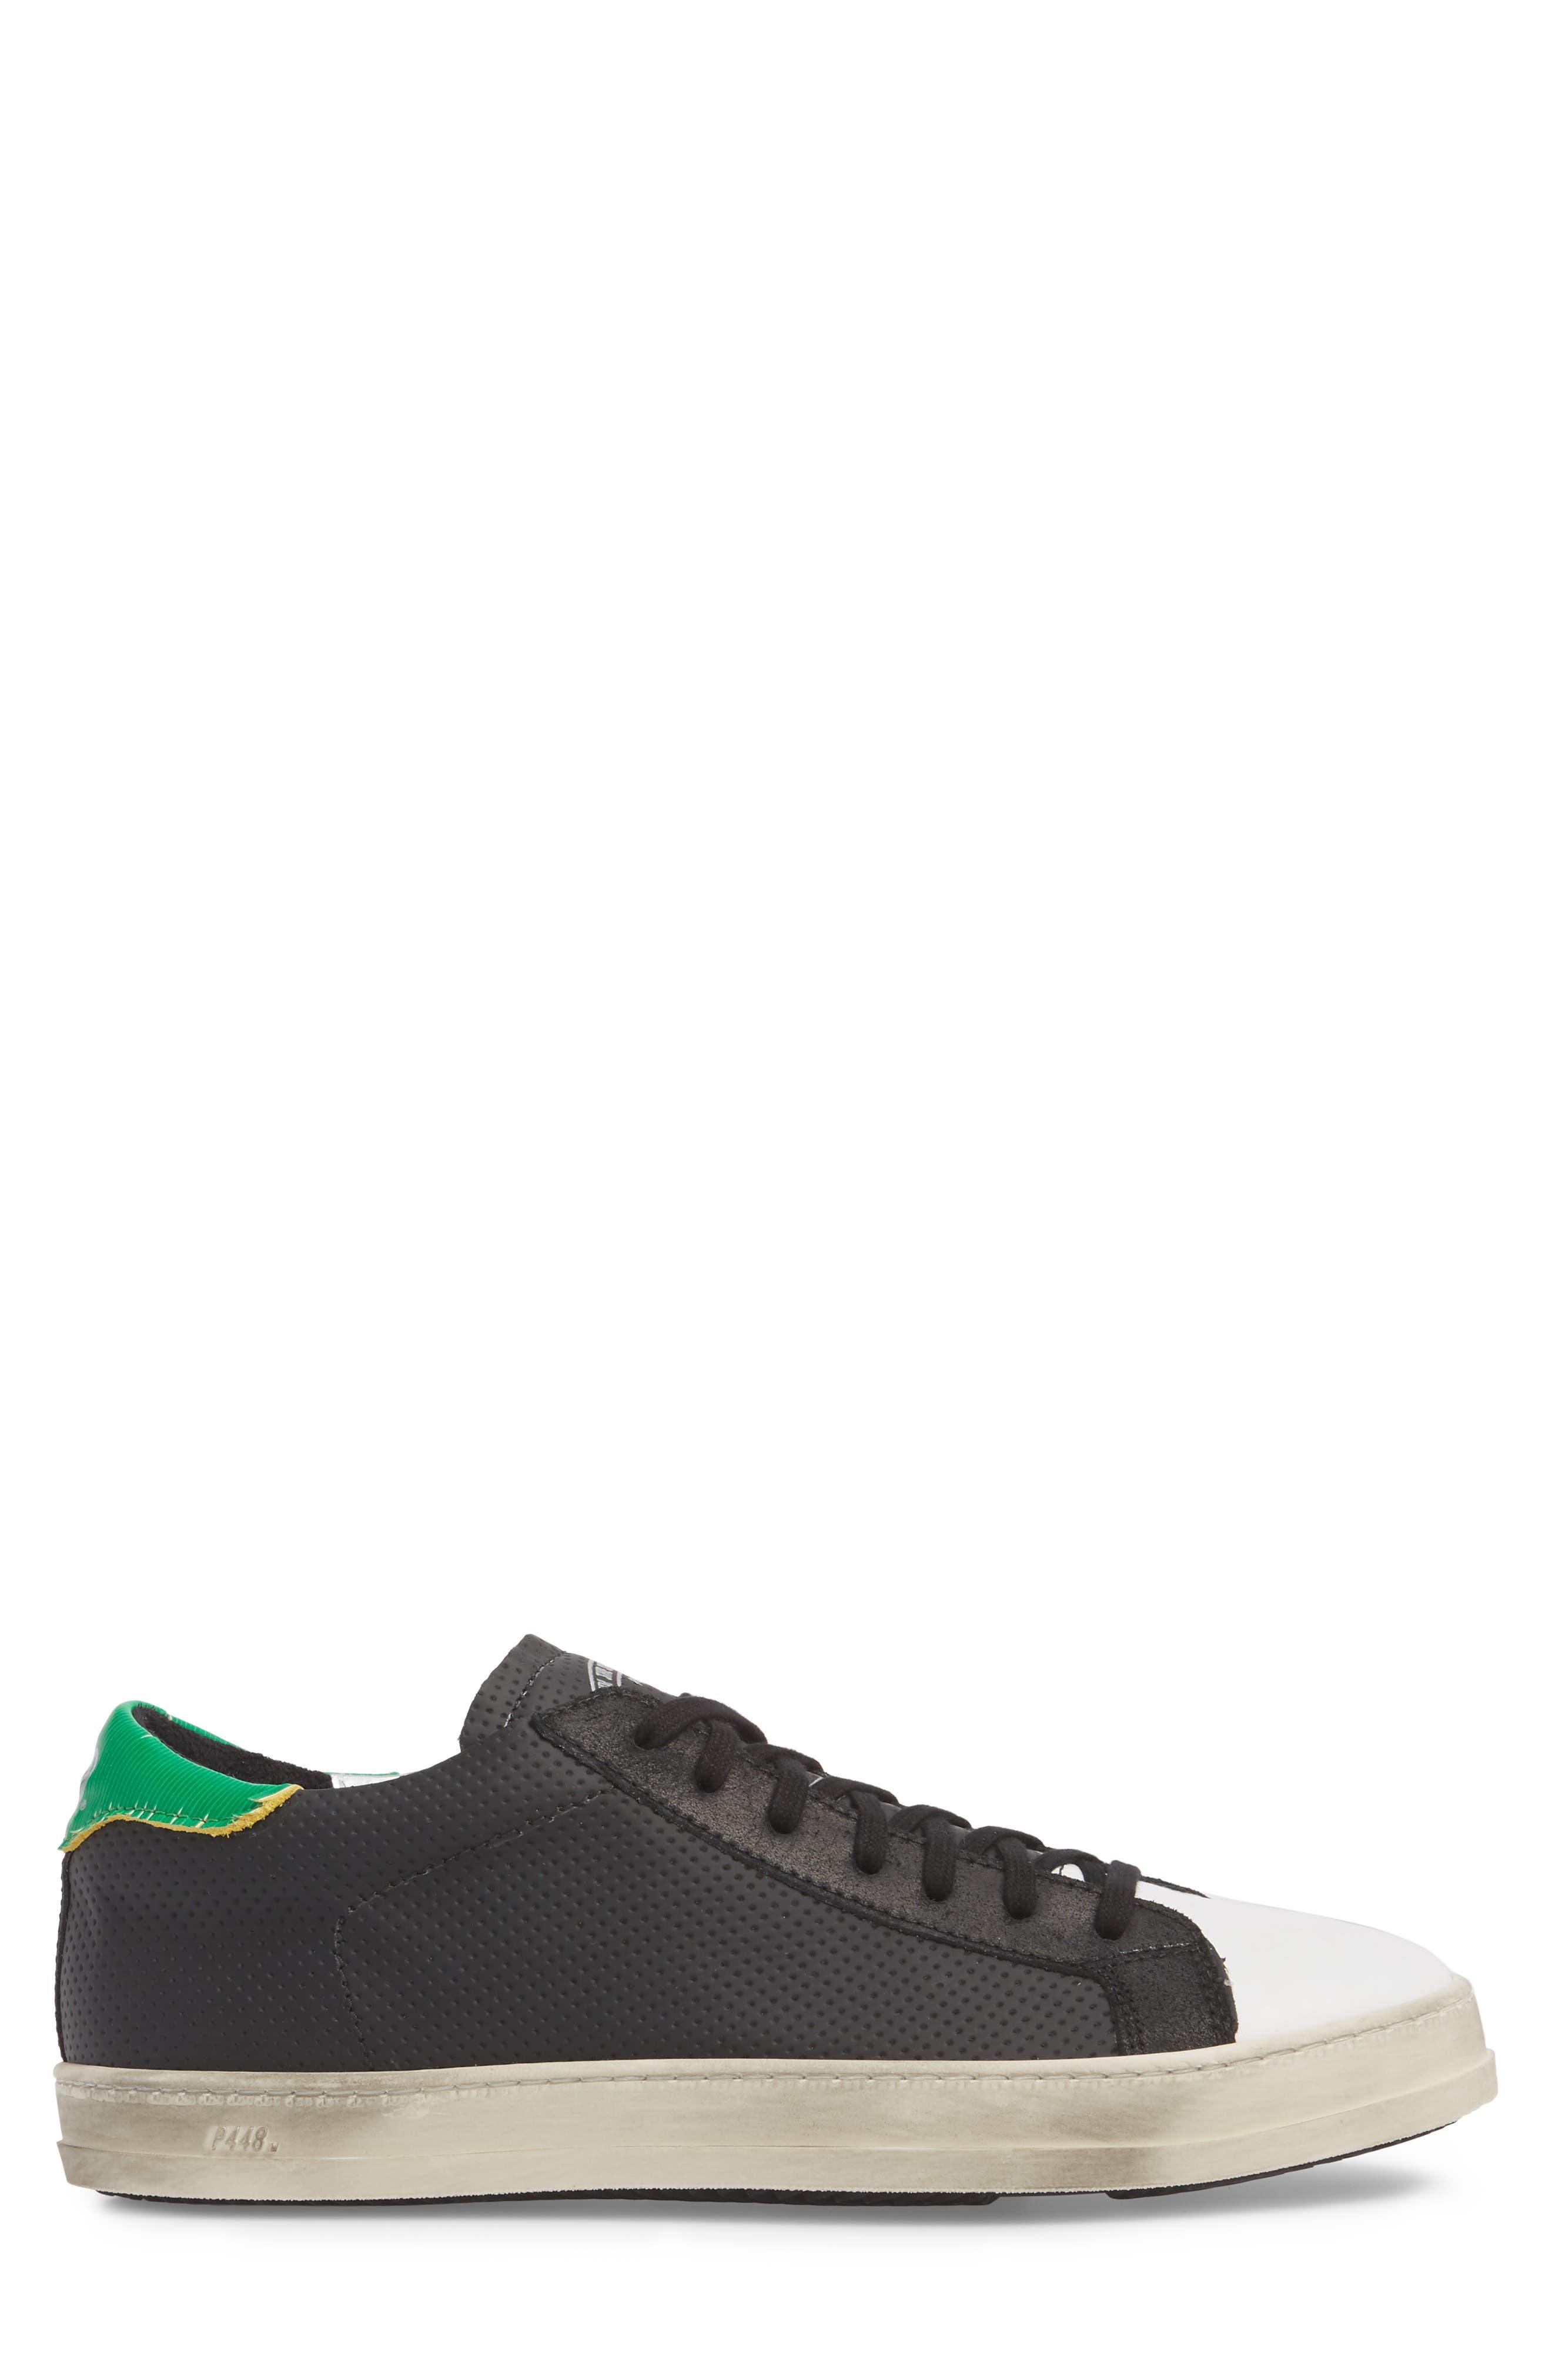 John Low Top Sneaker,                             Alternate thumbnail 3, color,                             BLACK